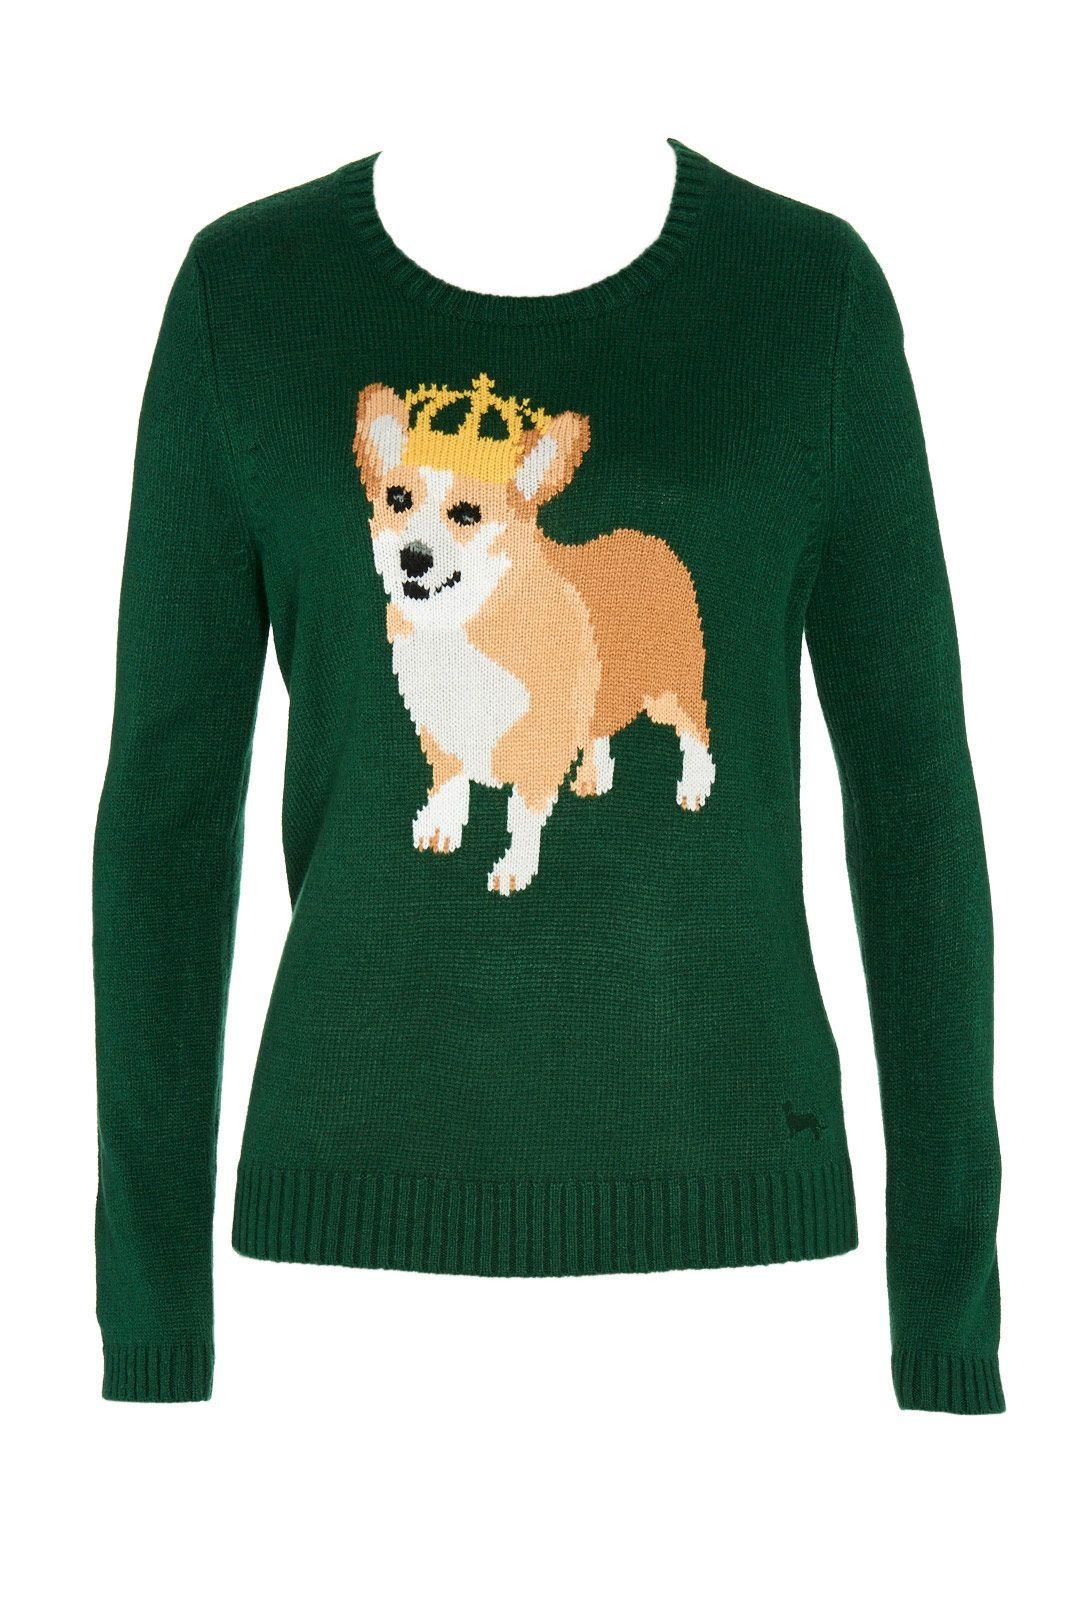 bc6d9348ec9bc What. A corgi sweater. A corgi in a CROWN. So yes